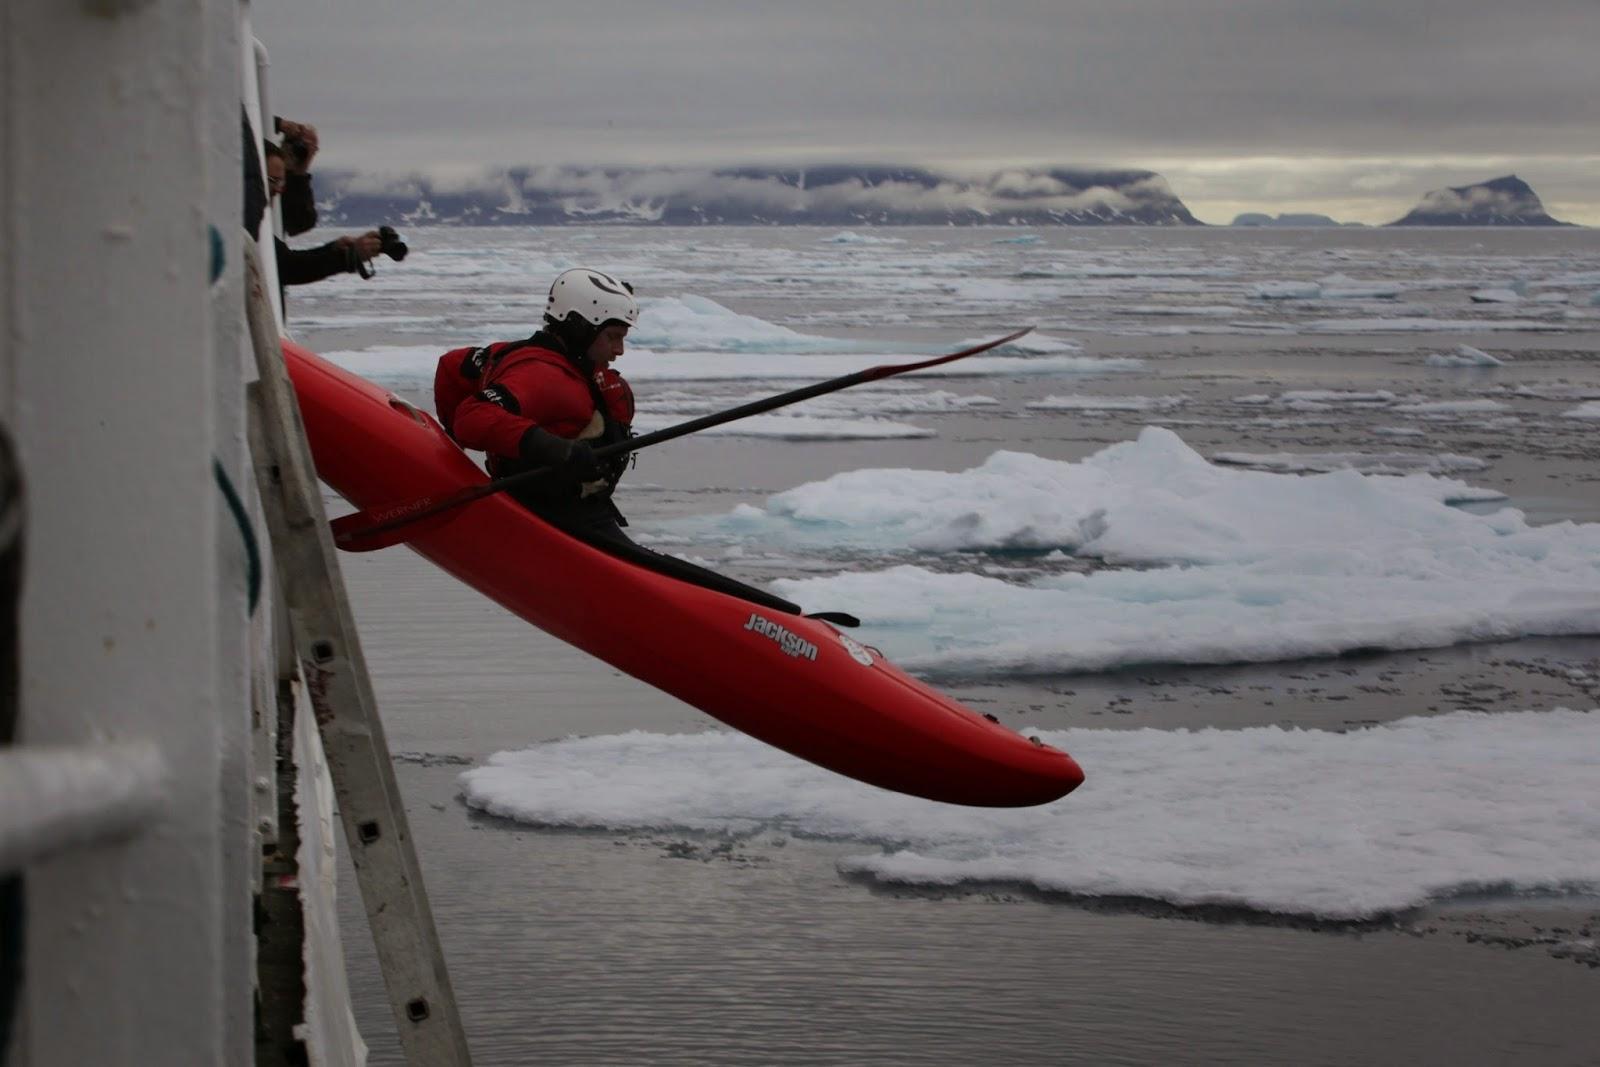 Programa leva o público ao Círculo Polar Ártico - Crédito: Globo/Divulgação